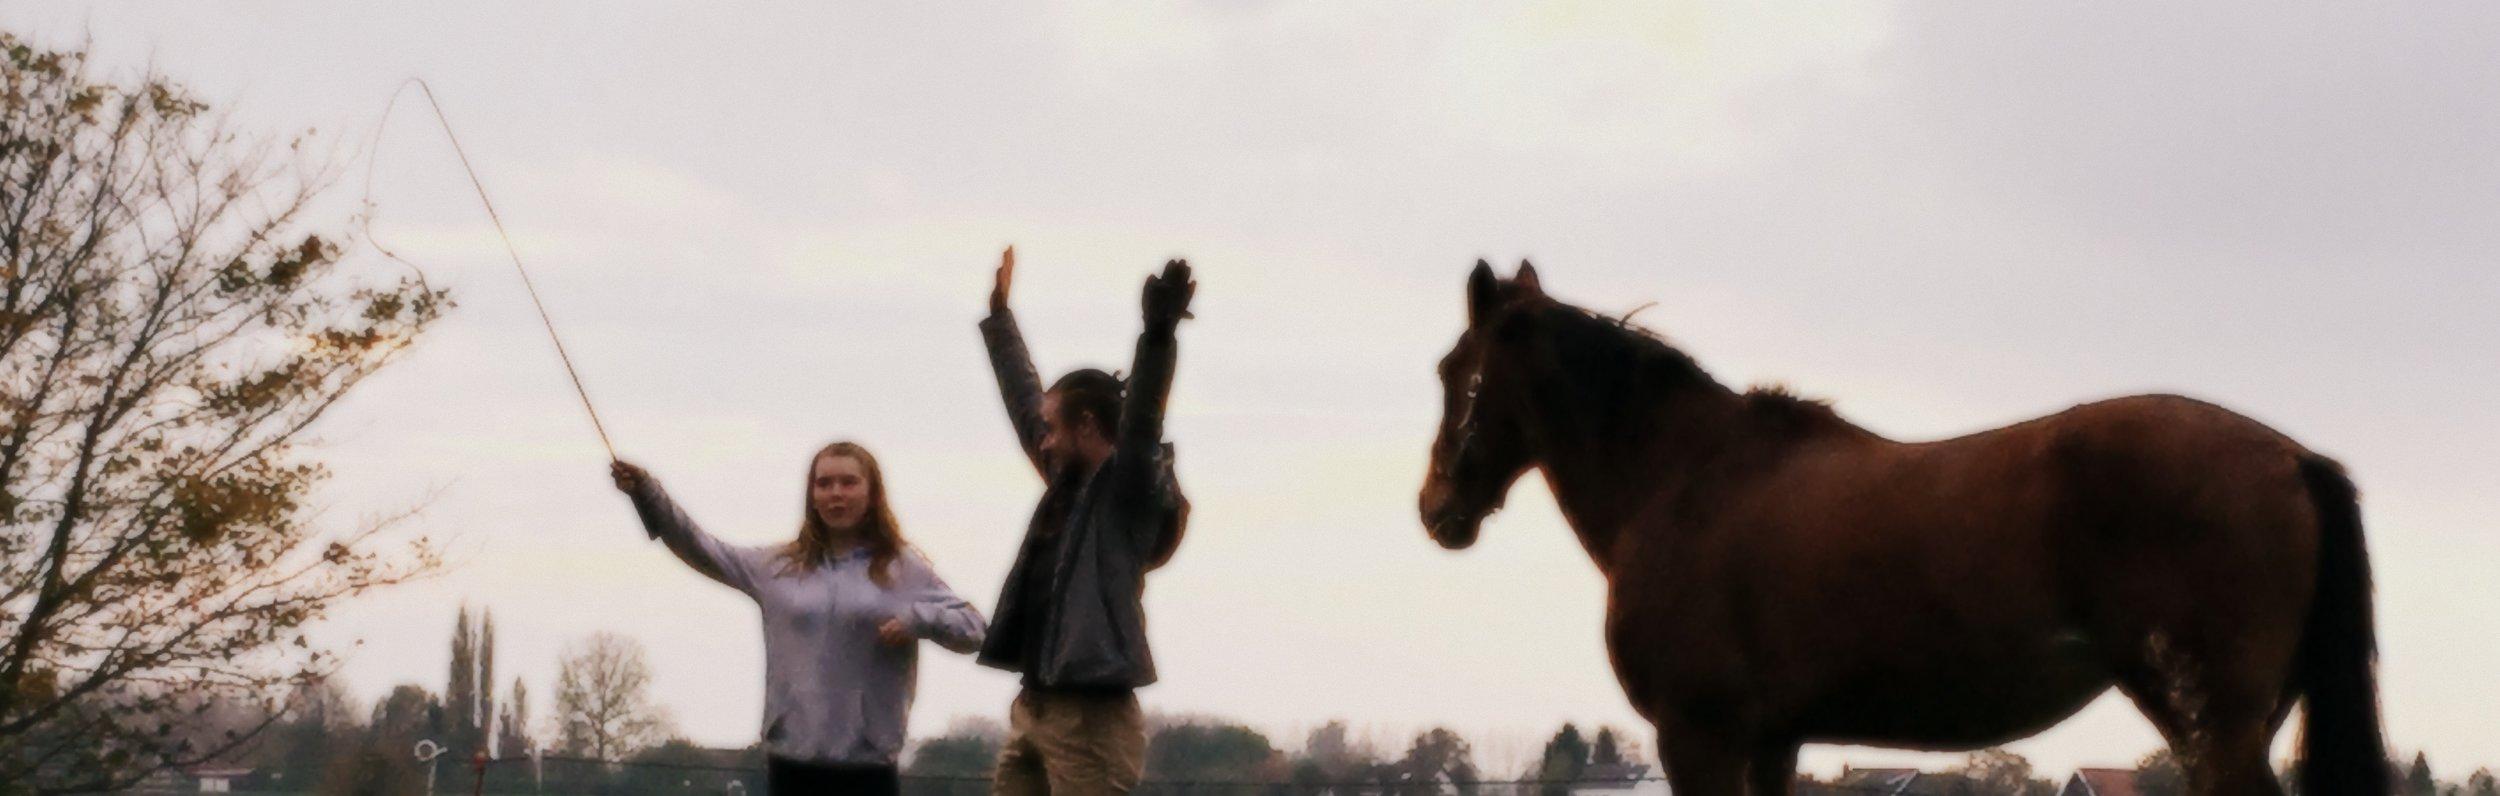 Jason en Bubu leerden me die dag energie op- en afbouwen, ik vond het net dansen!